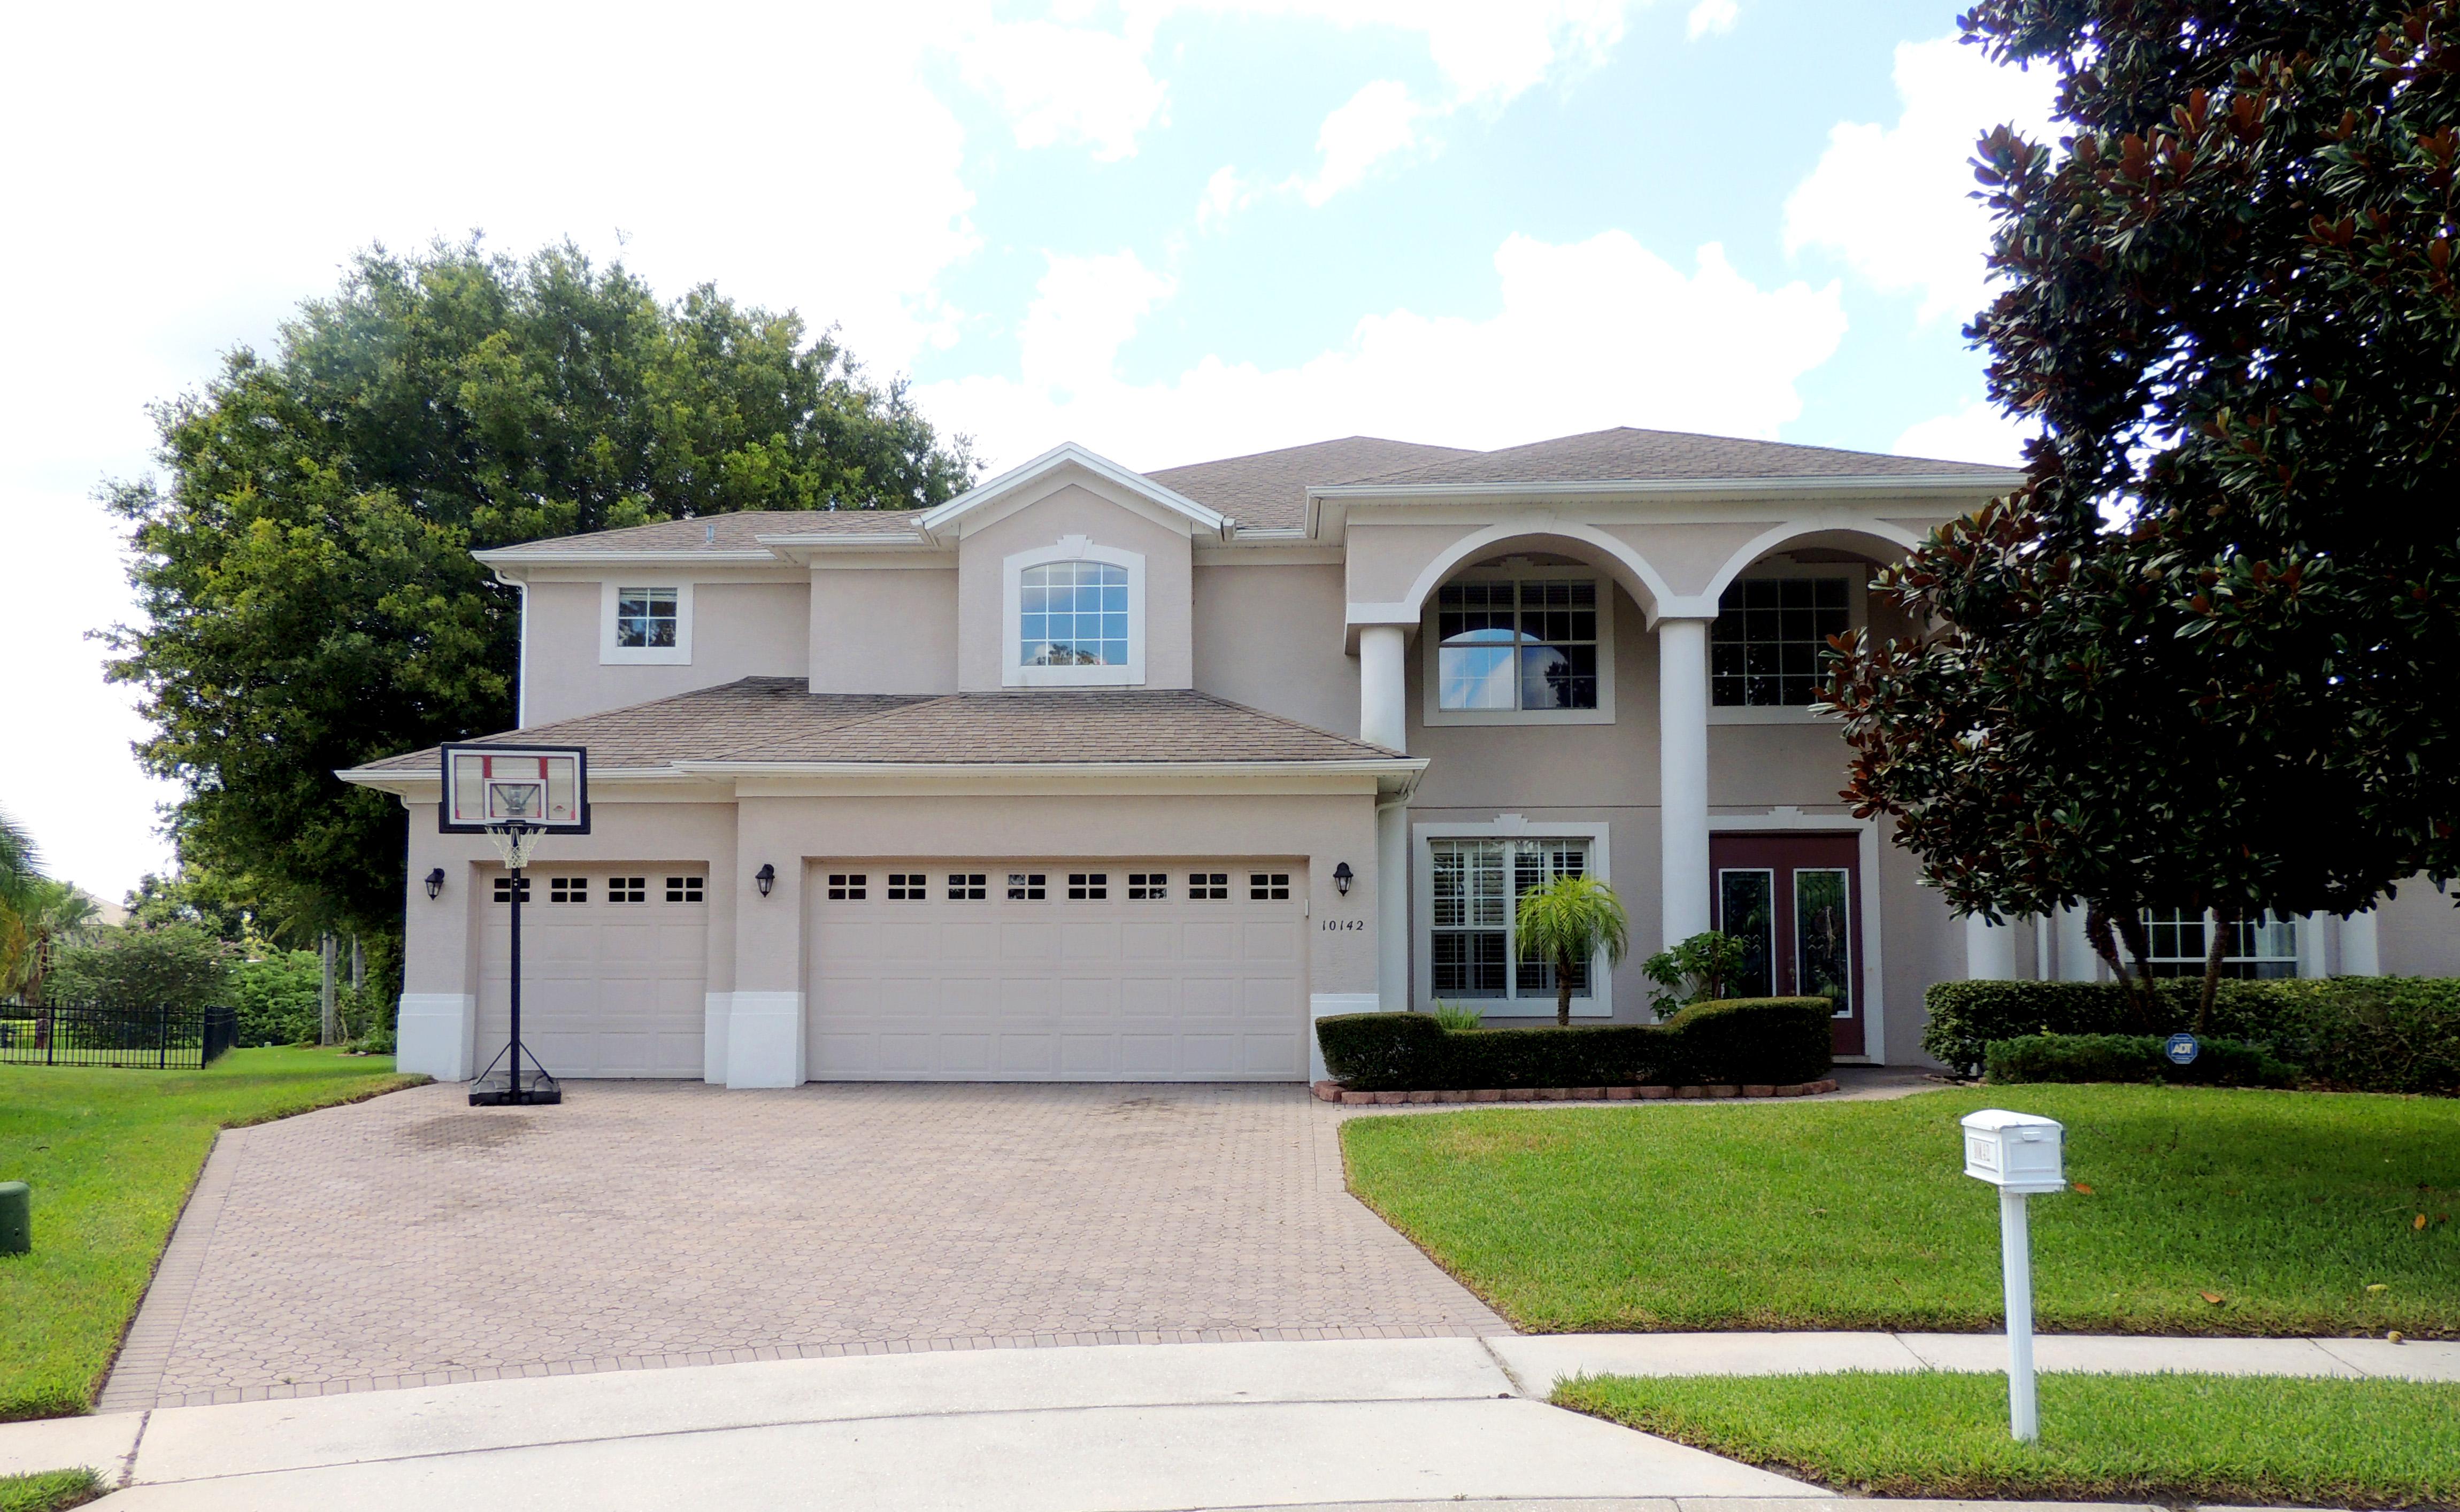 Aluguel de casas em Orlando perto da Disney